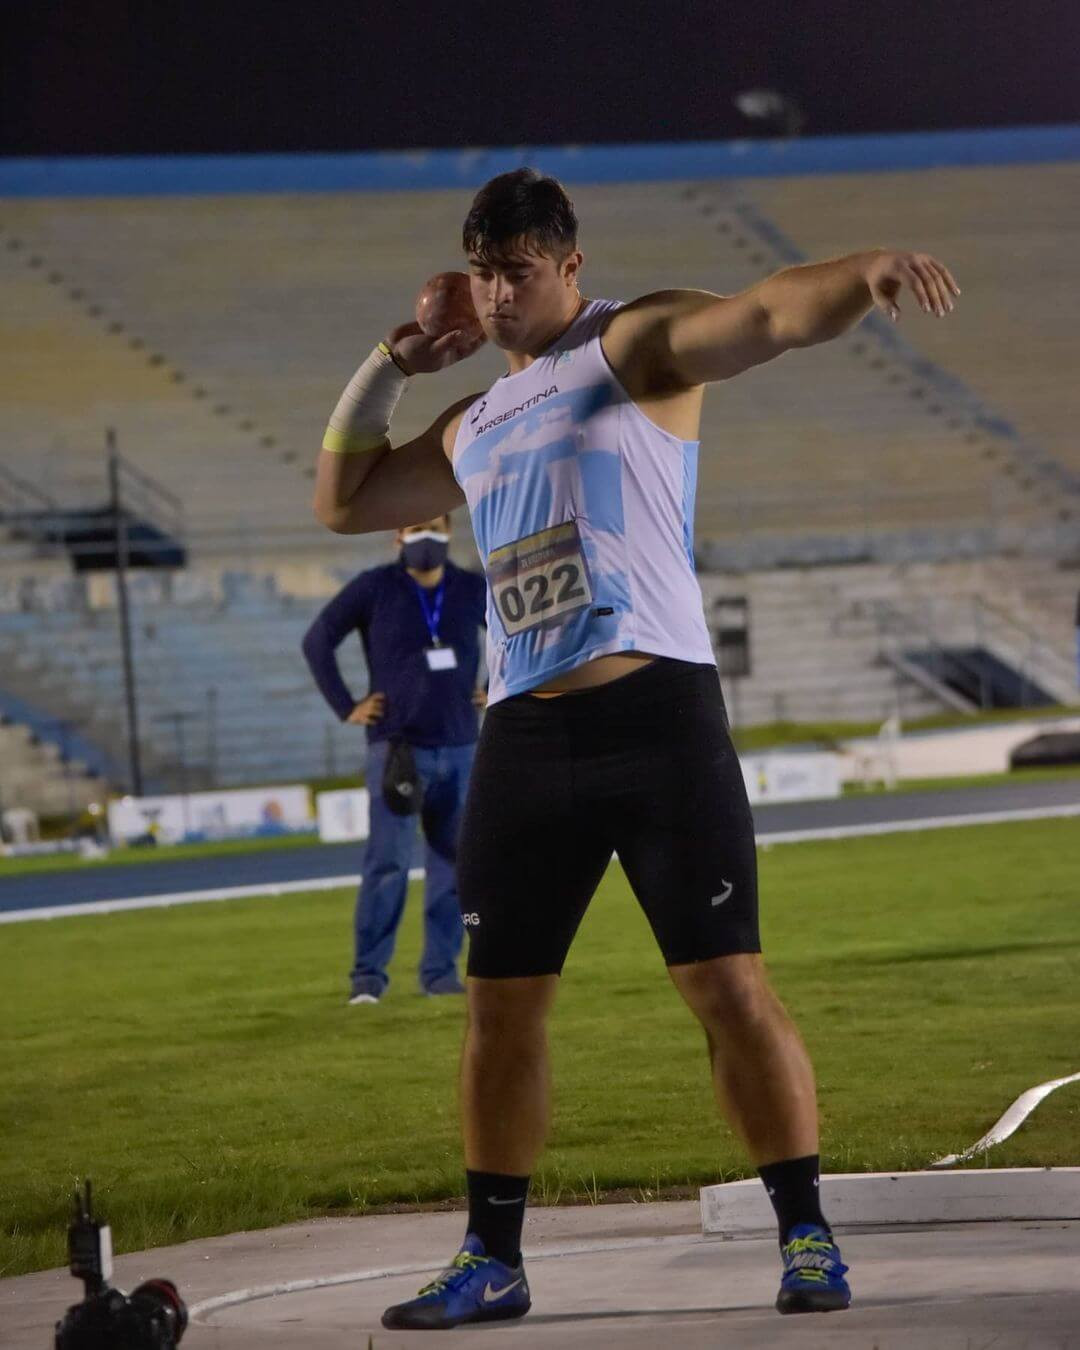 Nazareno Sasia, atleta oriundo de Cerrito, logró su mejor marca en lanzamiento de bala y así conseguir la Medalla de Plata en el Sudamericano que se disputó en Ecuador. Su registro fue de 19,79 metros, detrás del brasileño Wellington Silva Morais que hizo 8 centímetros mas que el entrerriano.